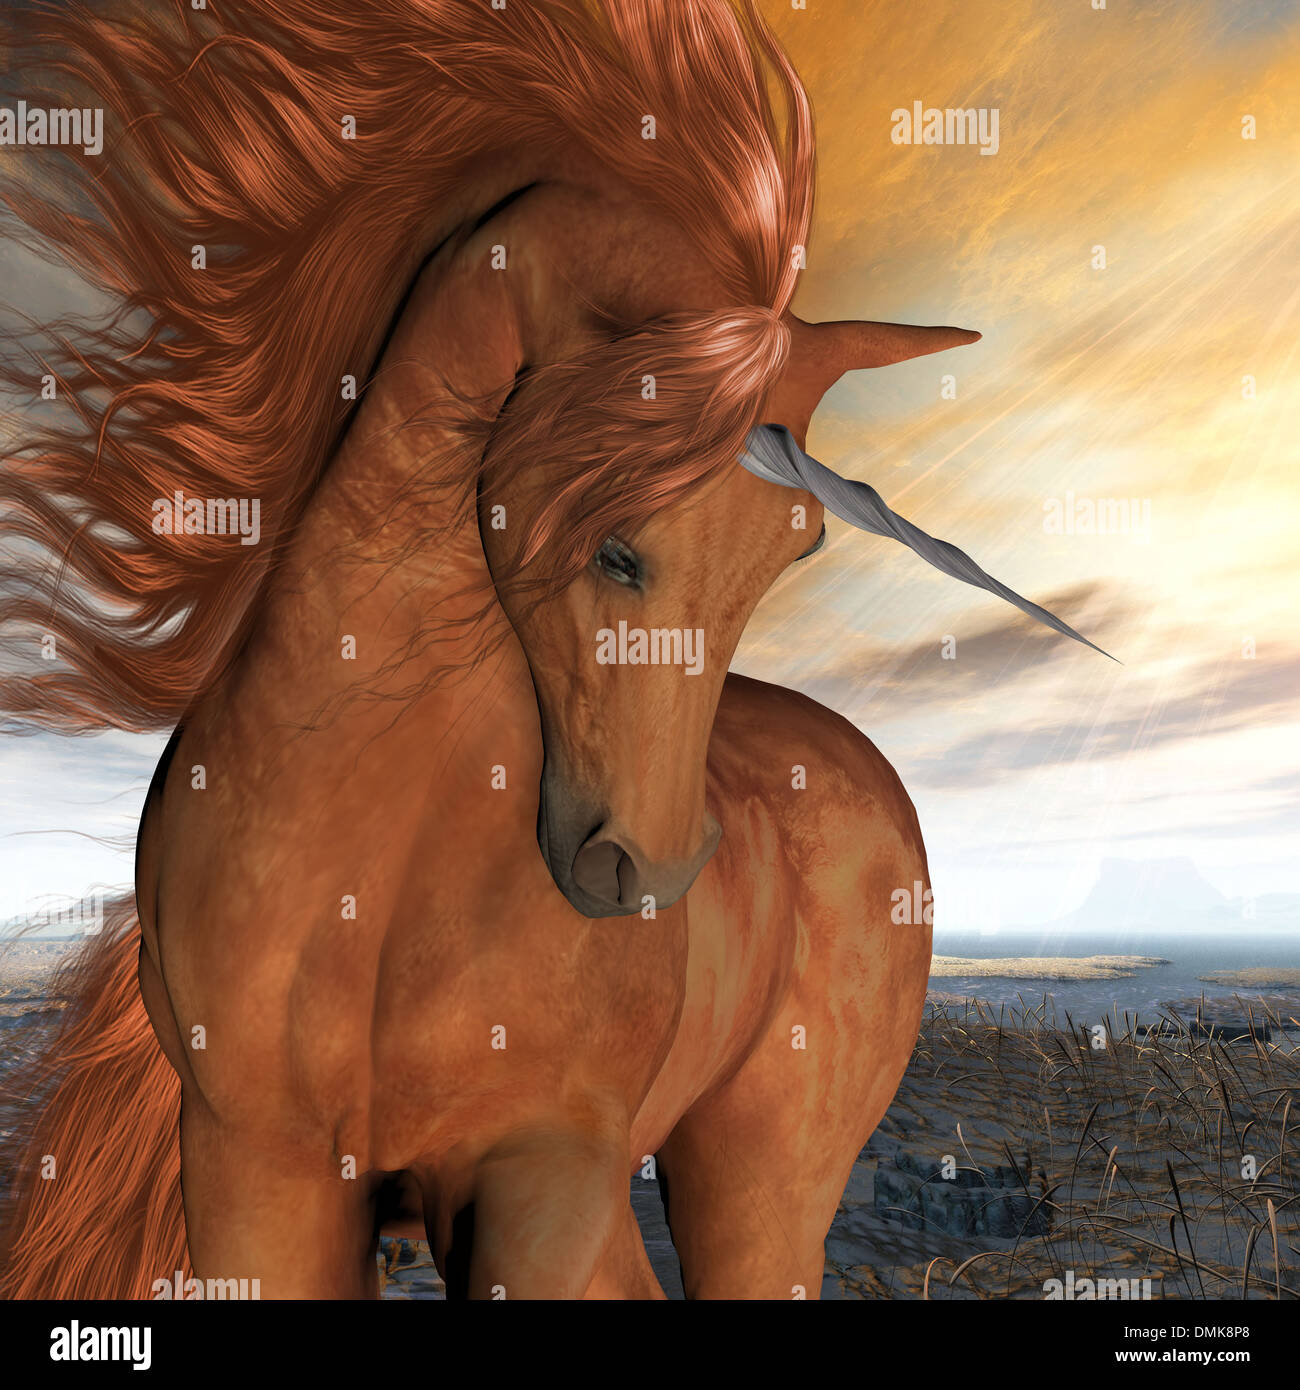 Un hermosos castaños unicorn prances con su melena salvaje que fluye y músculos brillando. Imagen De Stock